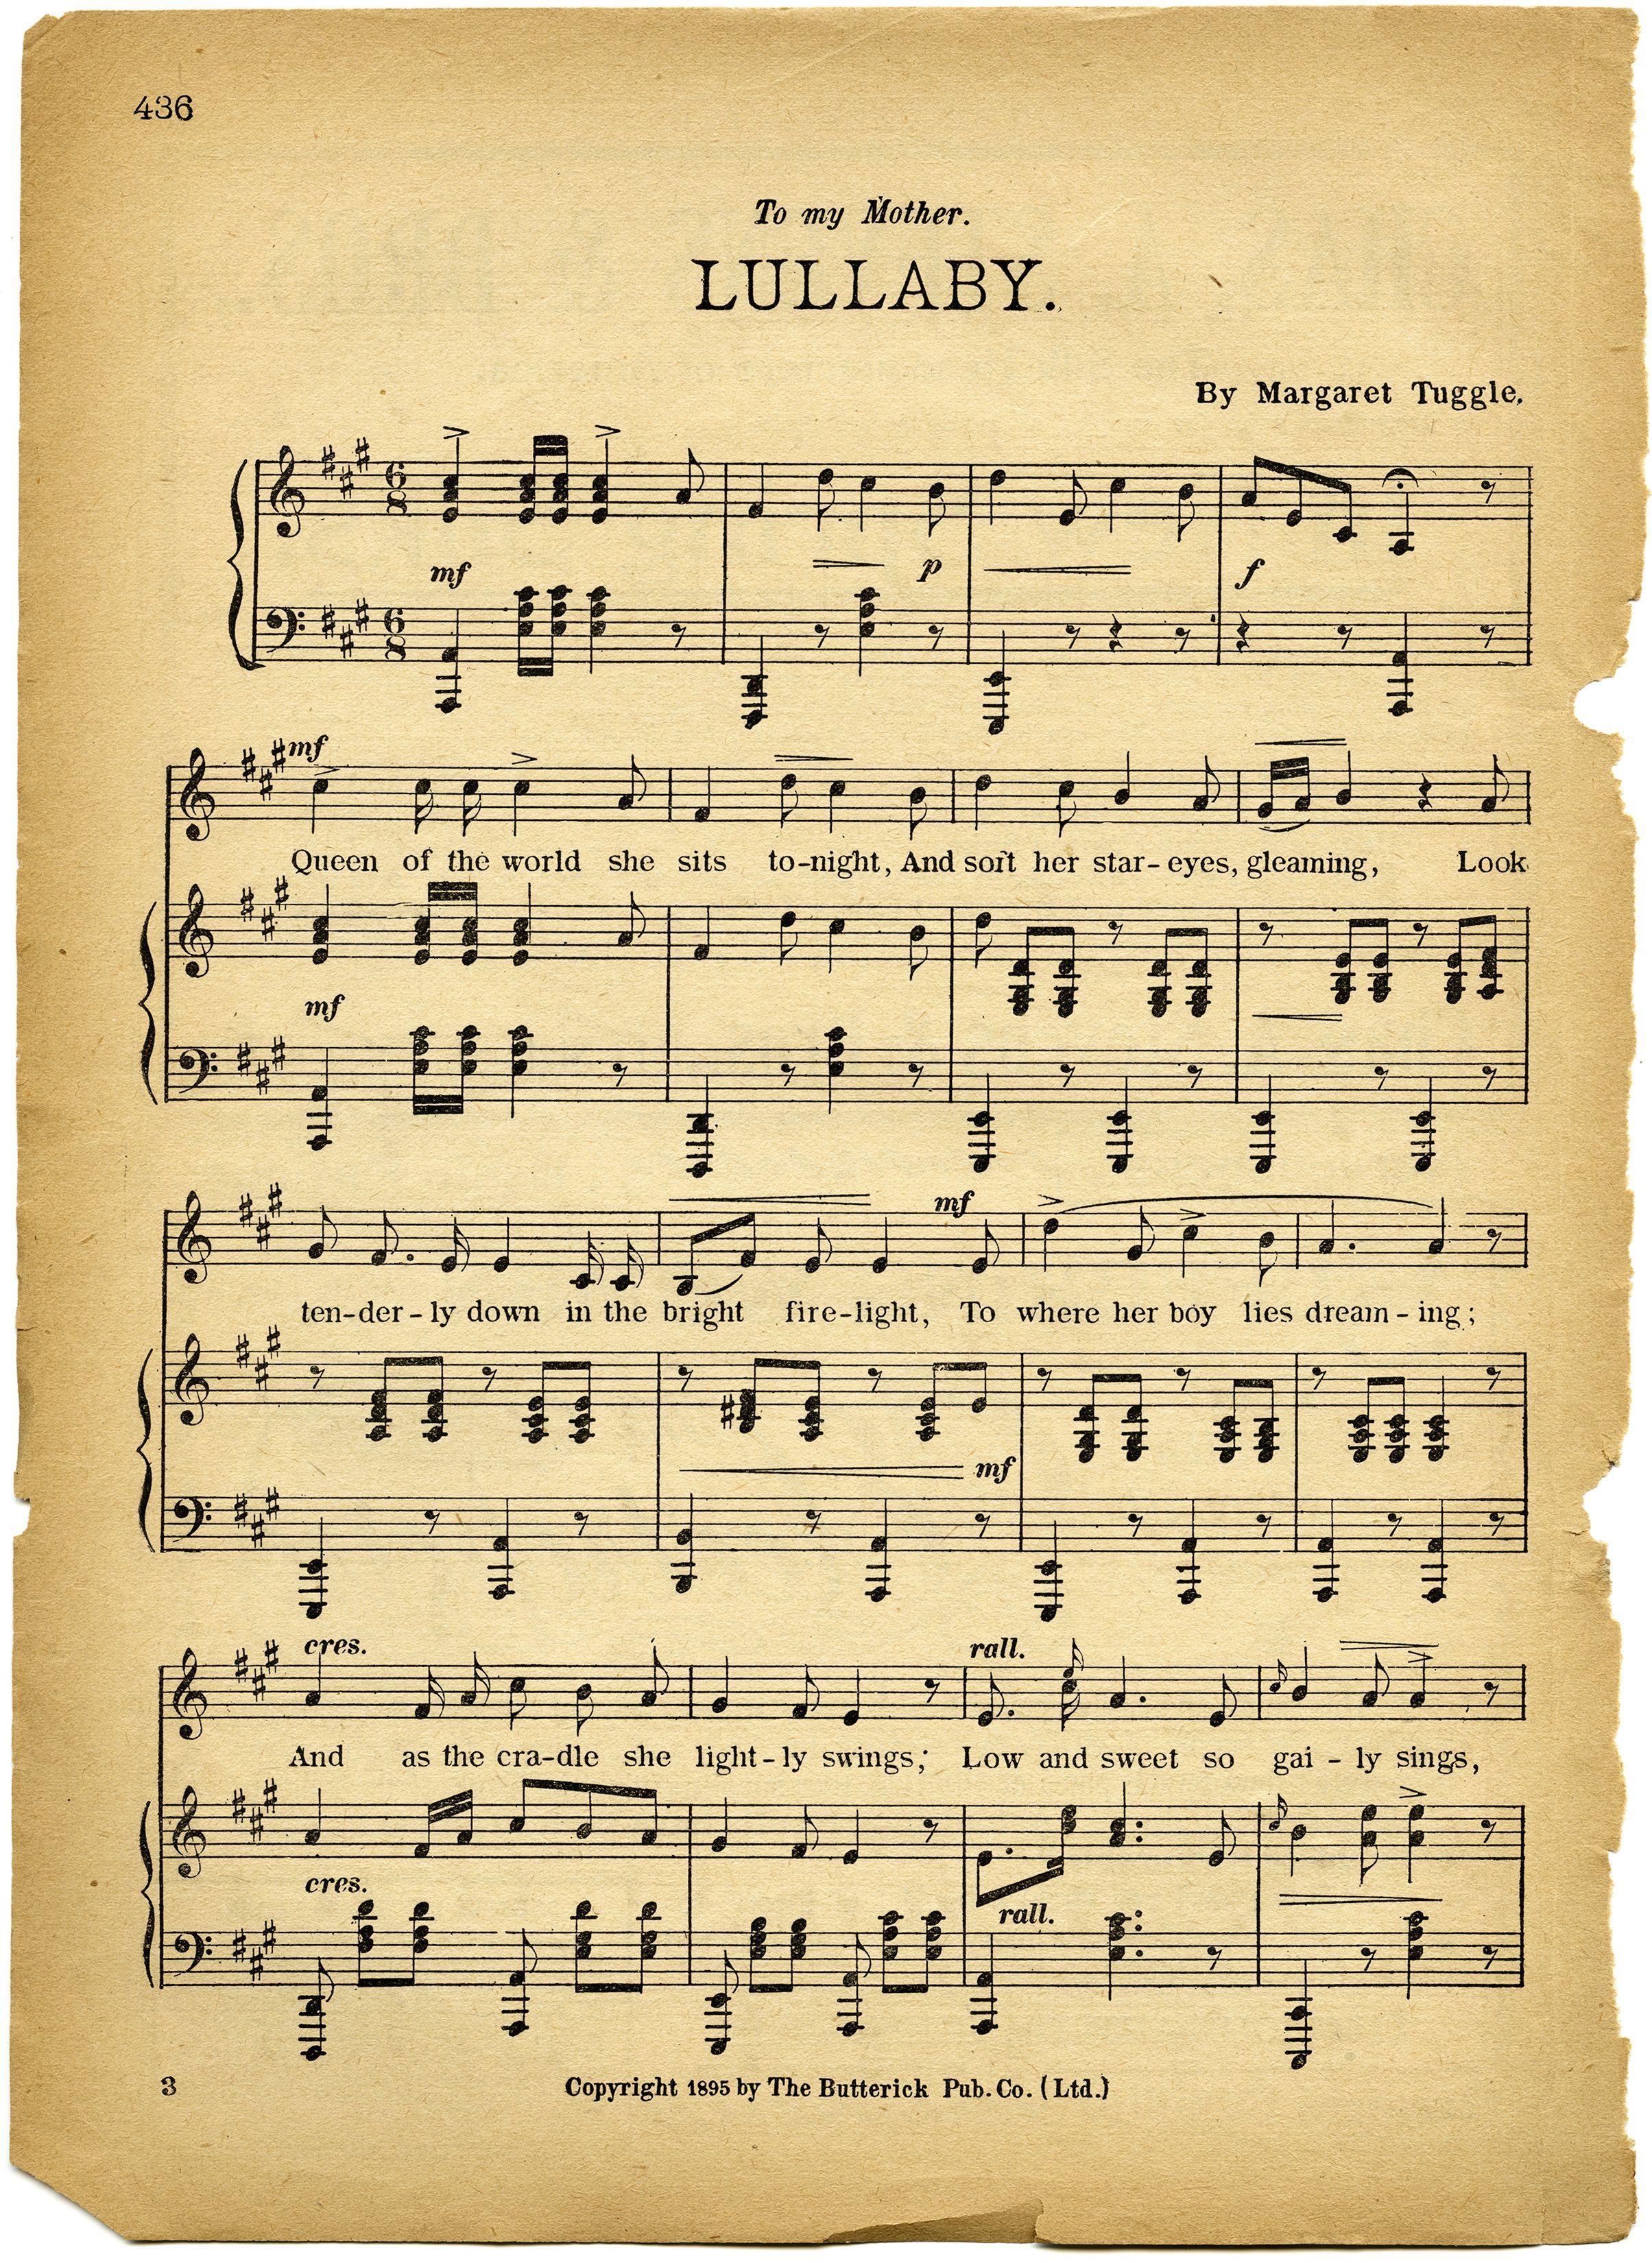 Free Vintage Images Lullaby Sheet Music Sheet Music Music